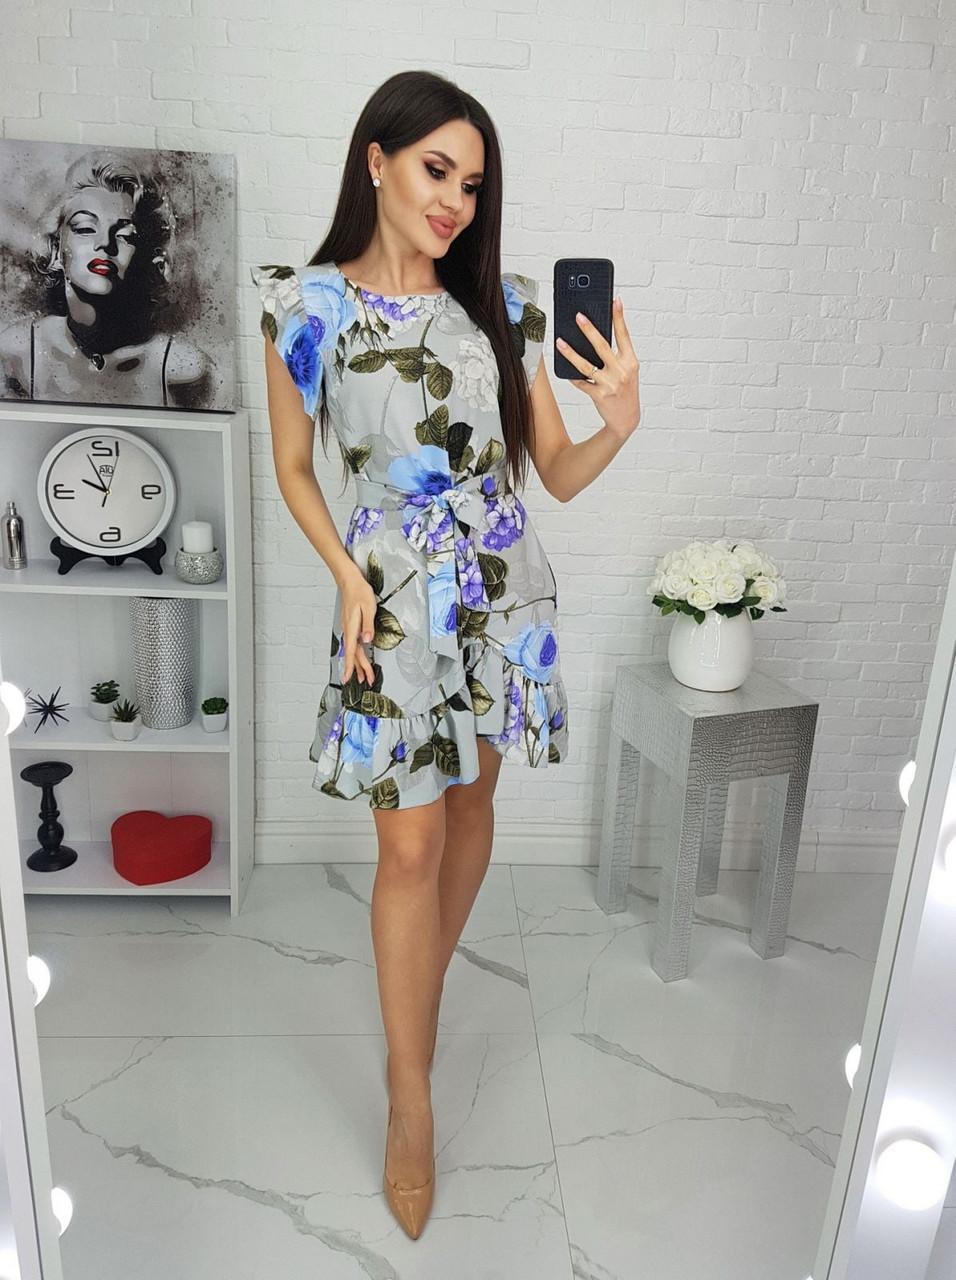 Женское платье с легкой асимметрией на юбке плюс волан, 00694 (Голубой), Размер 46 (L)